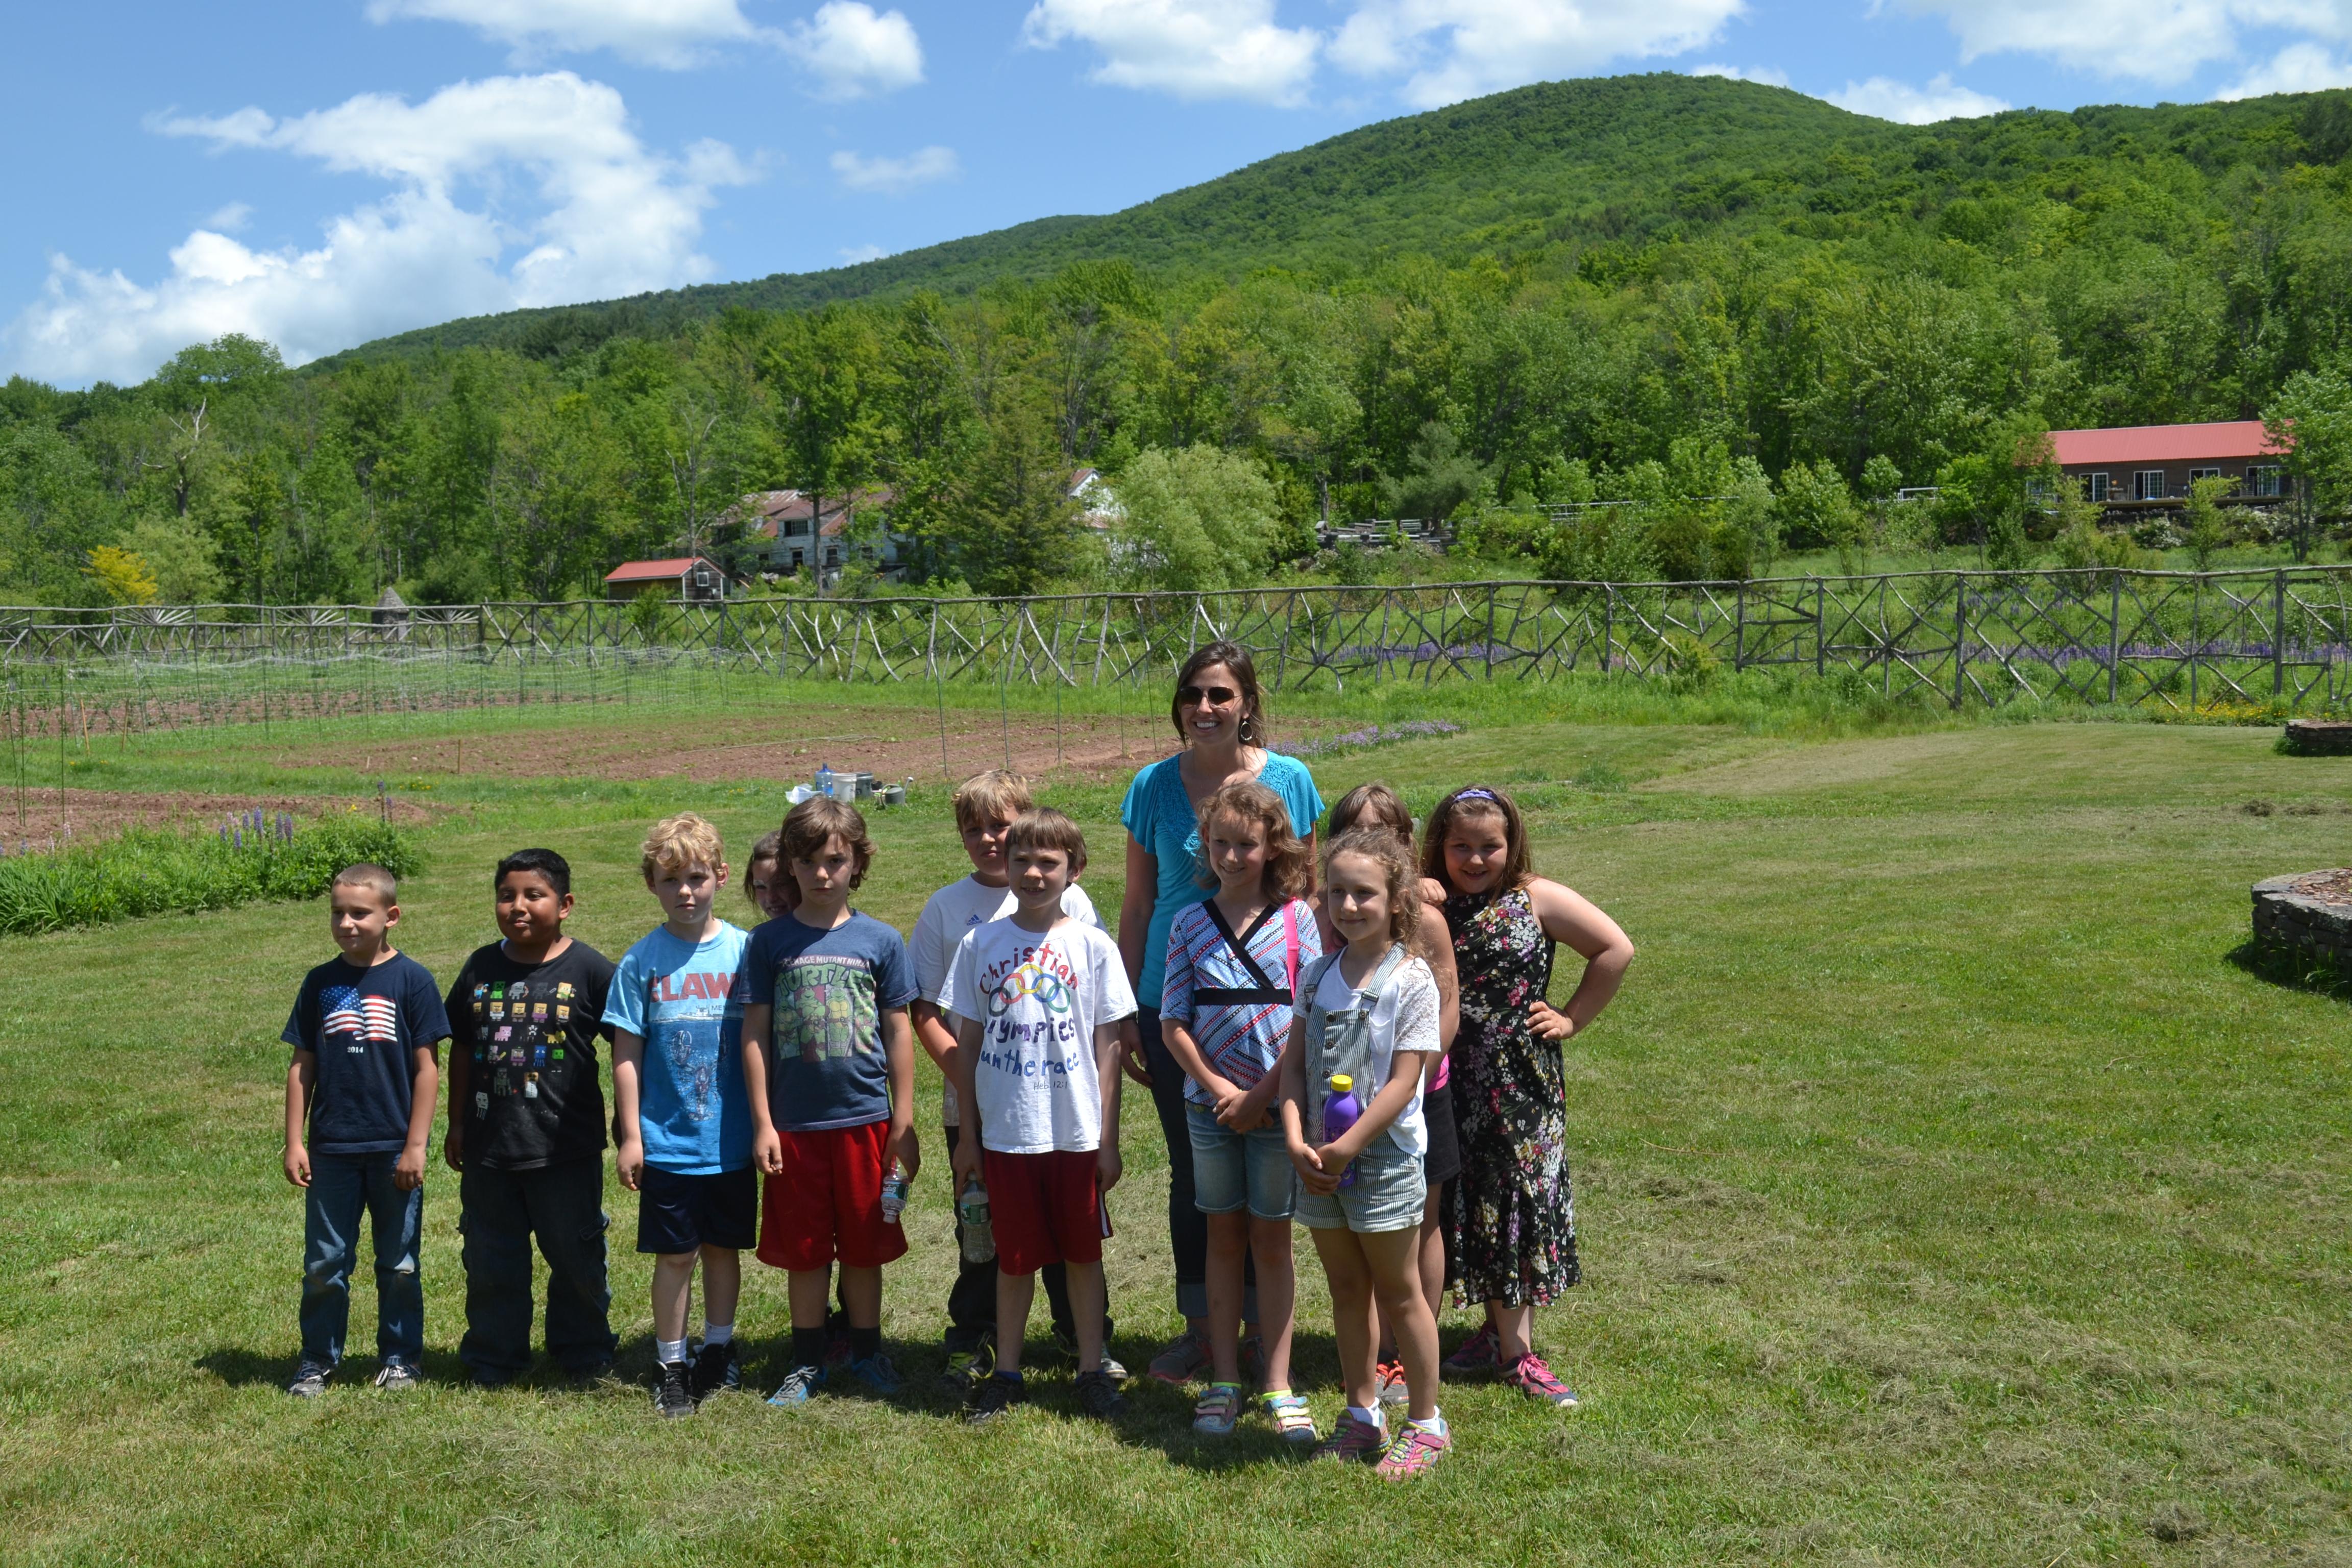 Sugar Maples Farm Tour